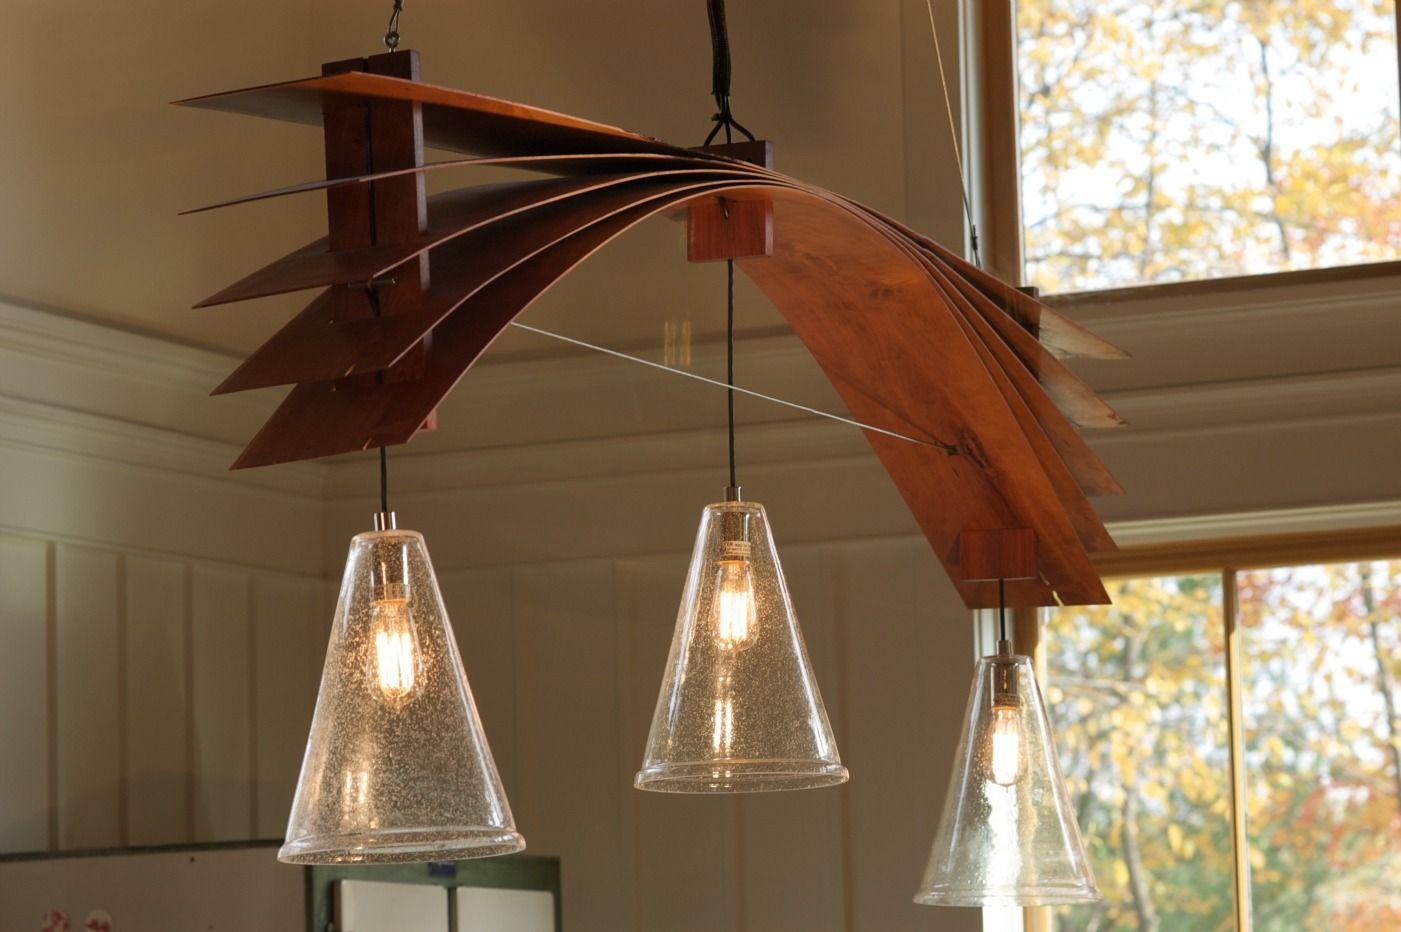 Chandelier scott morton for the home pinterest gallery chandelier scott morton arubaitofo Choice Image